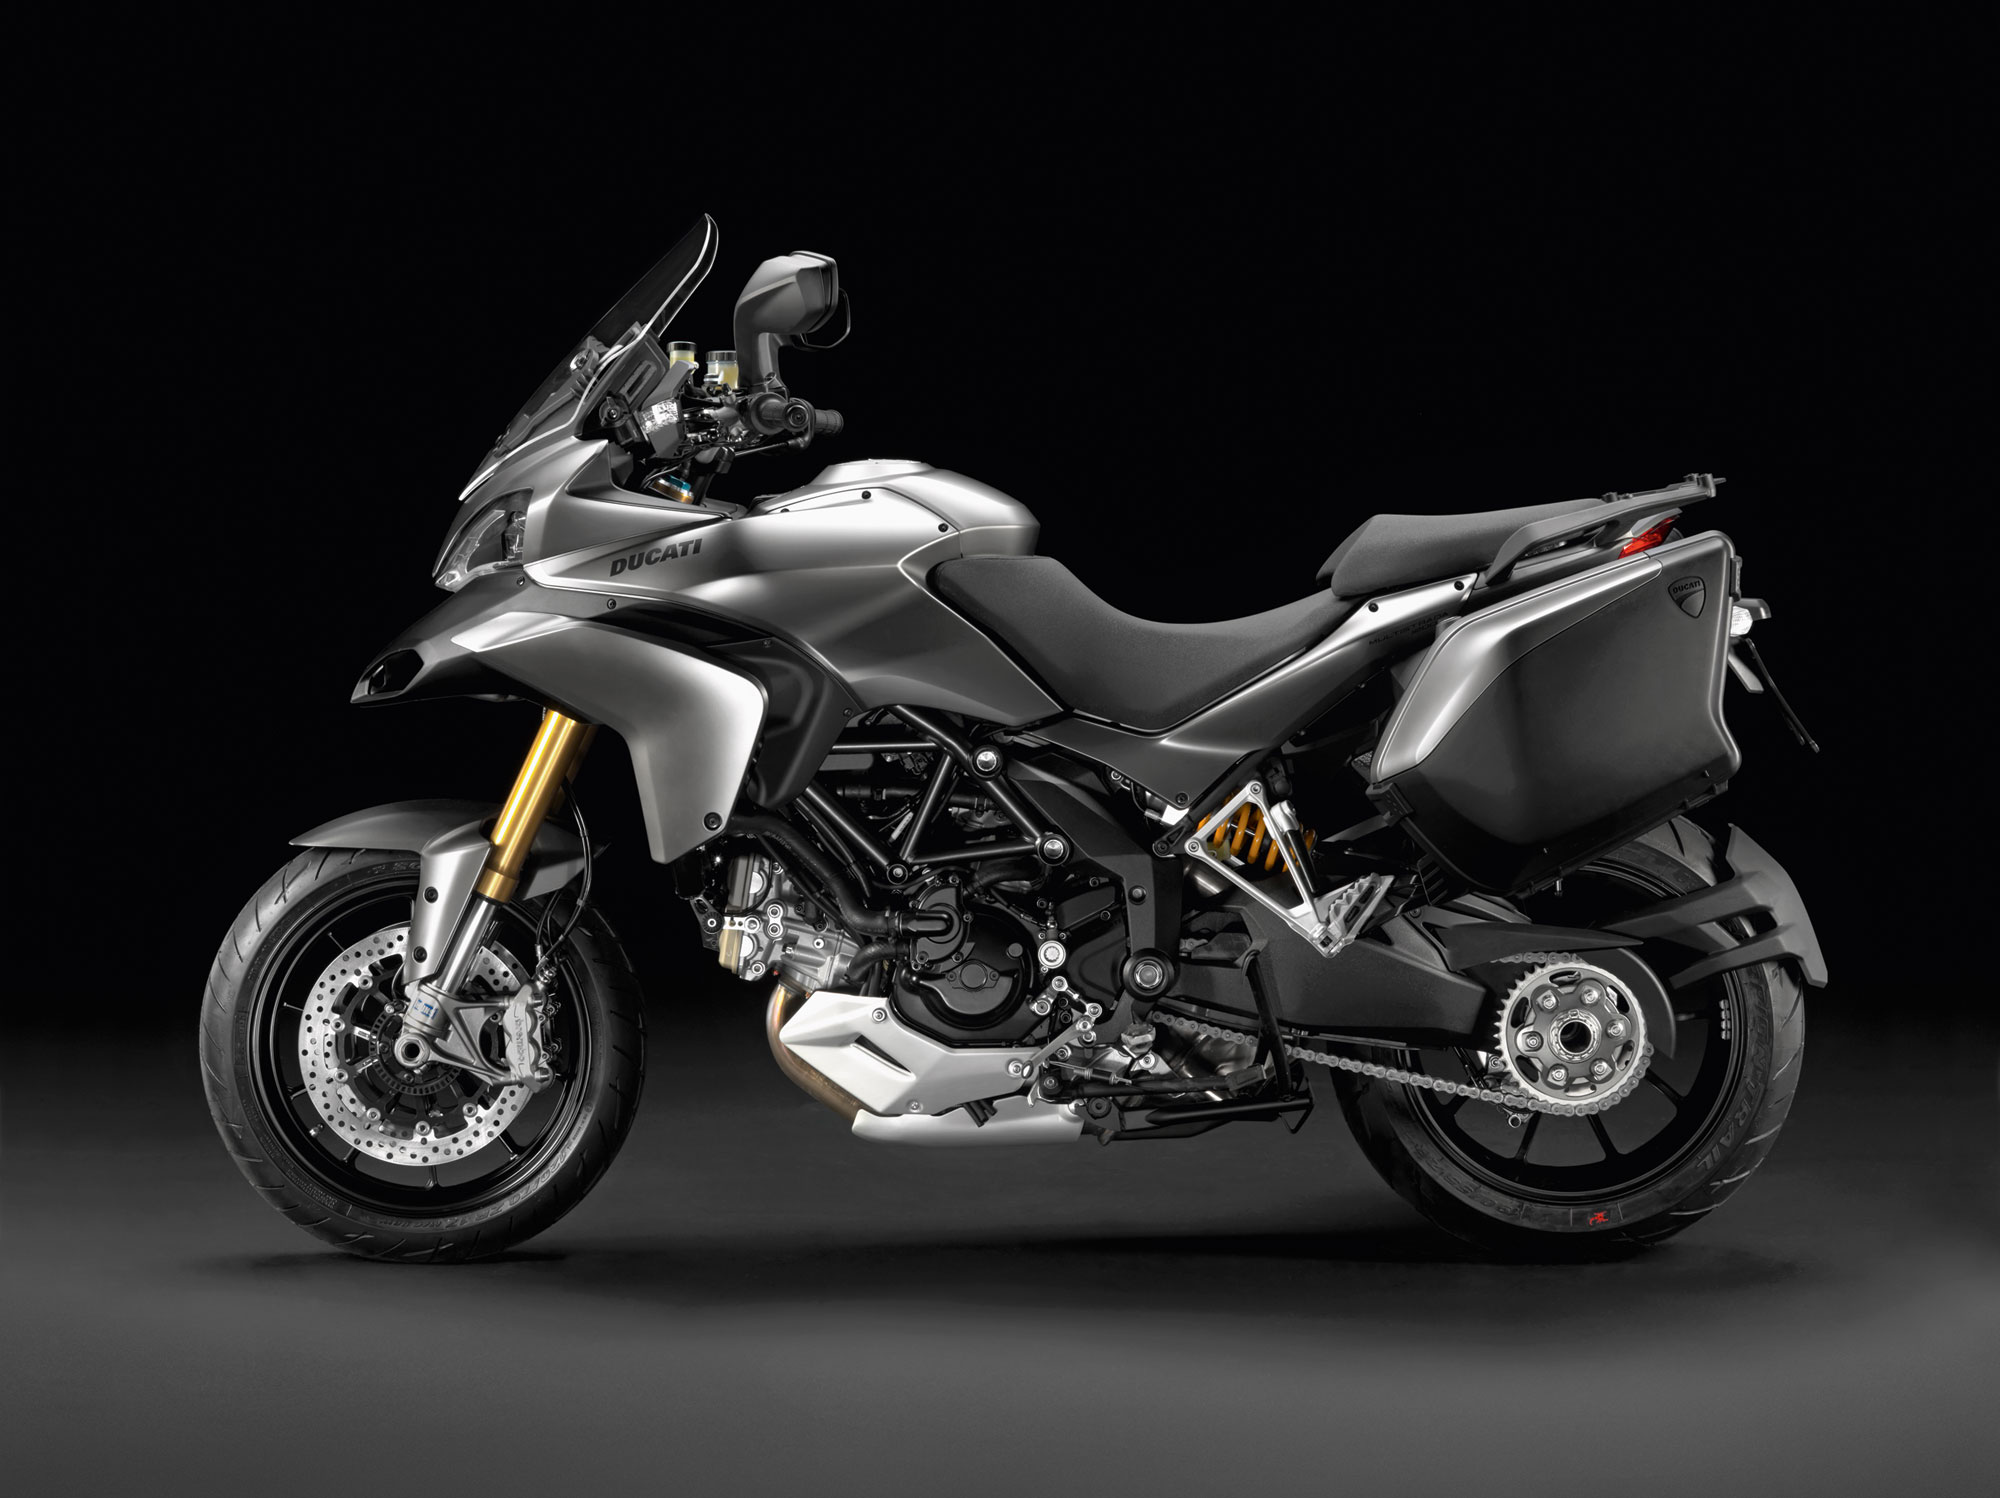 Ducati Multistrada 1200S - 2000x1498